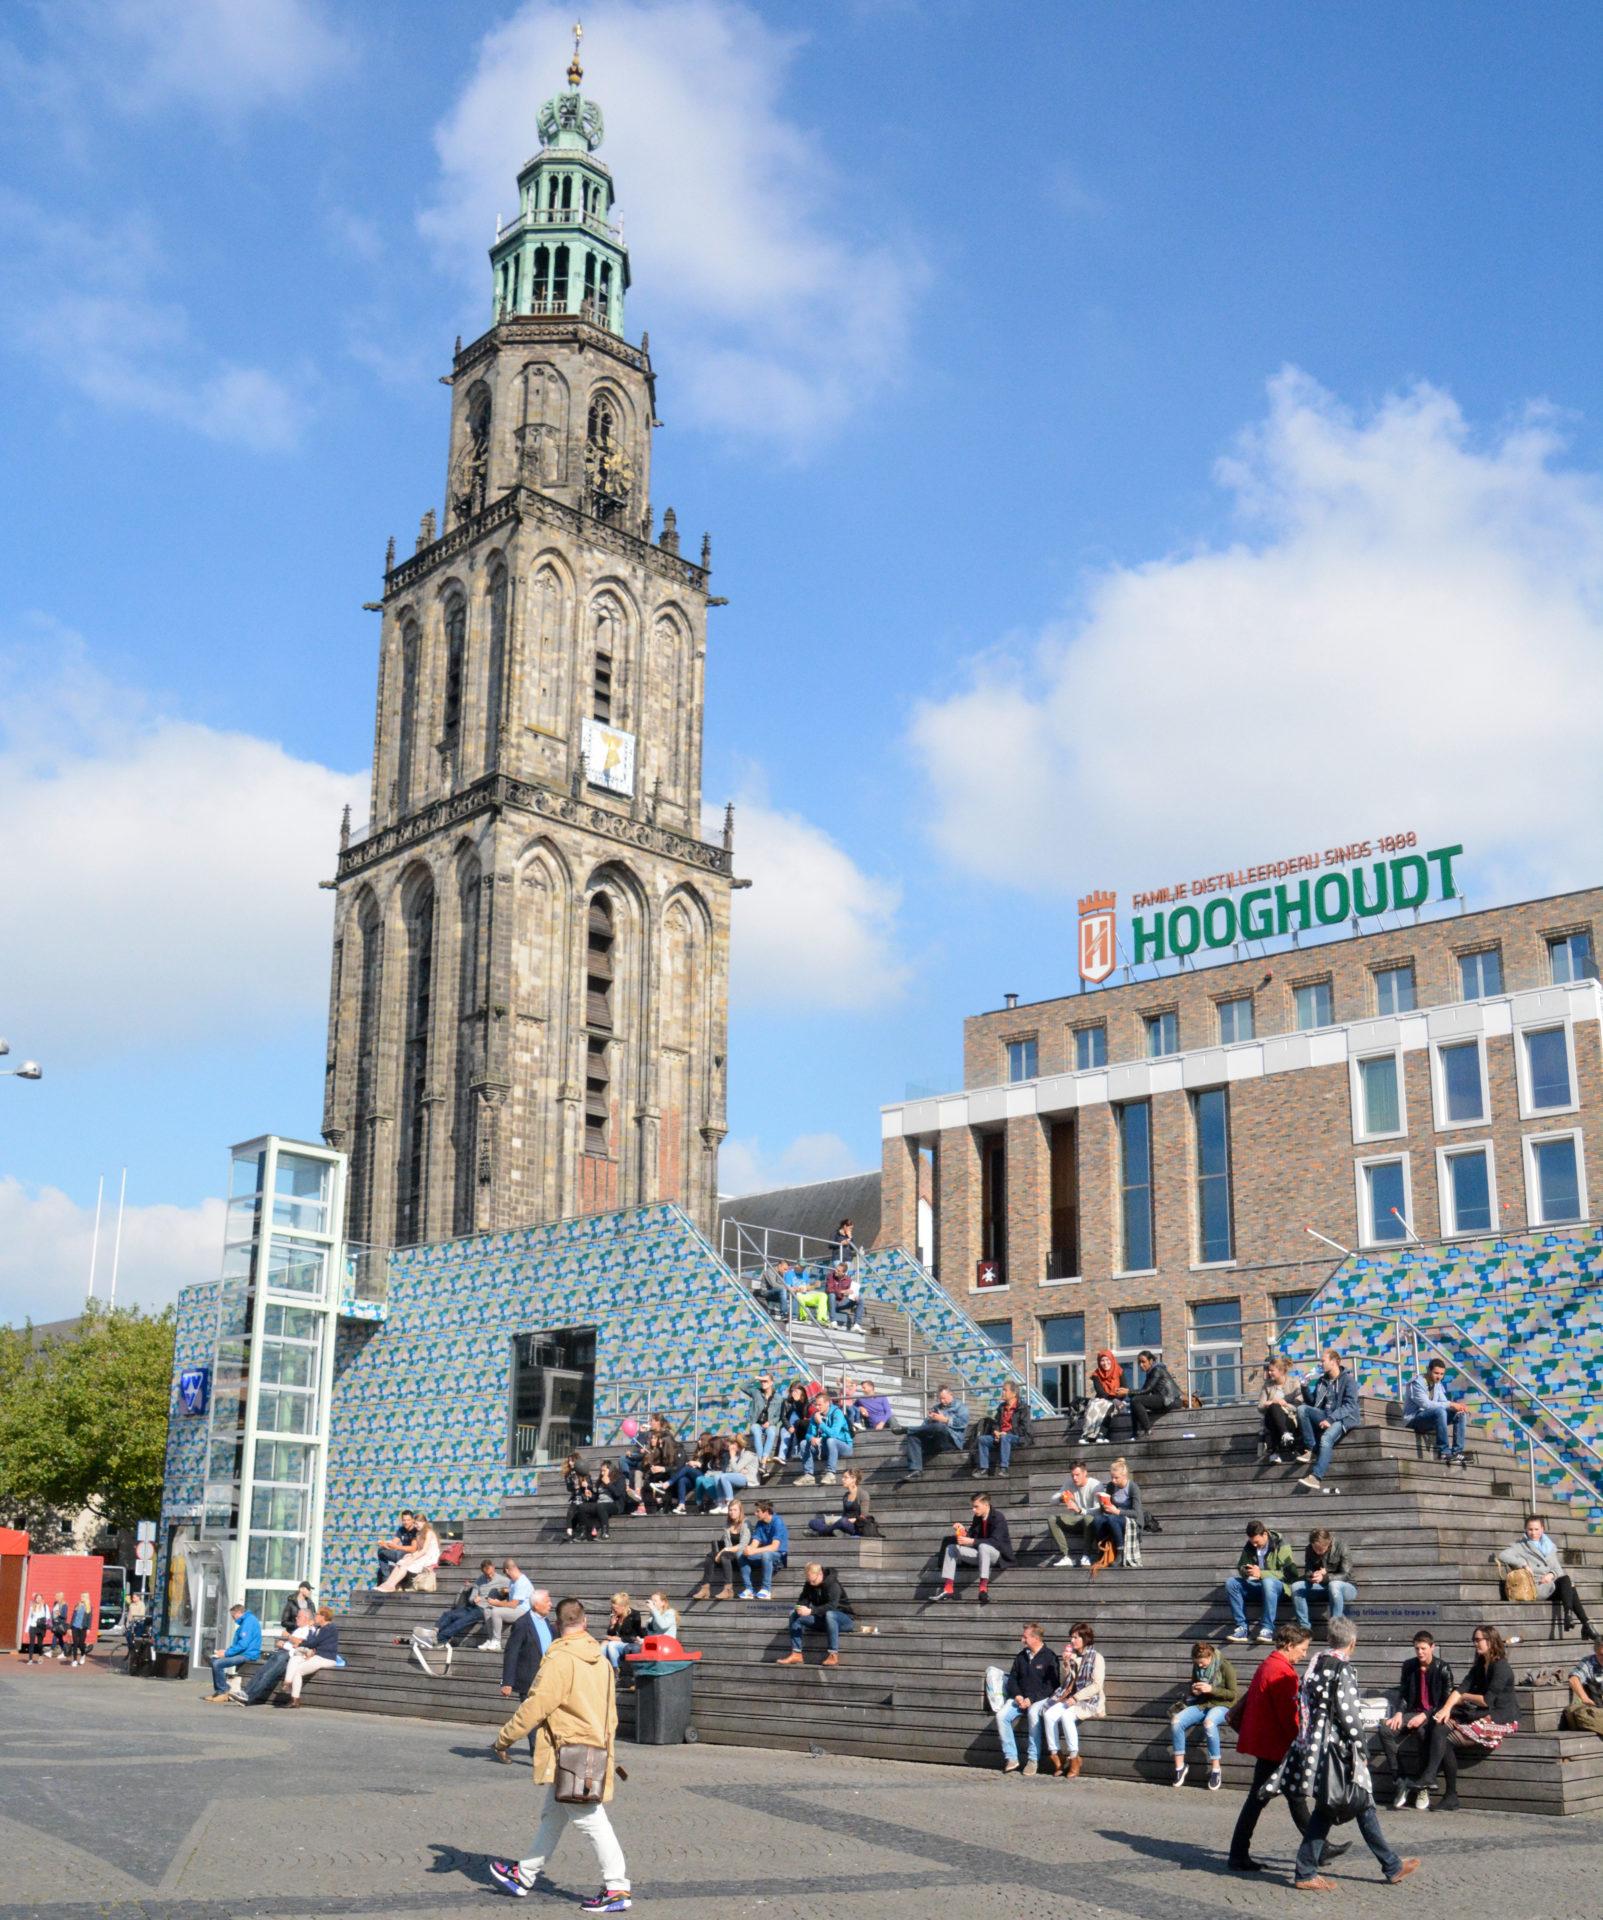 Die Martinikirche in Groningen mit Studenten auf einer Treppe